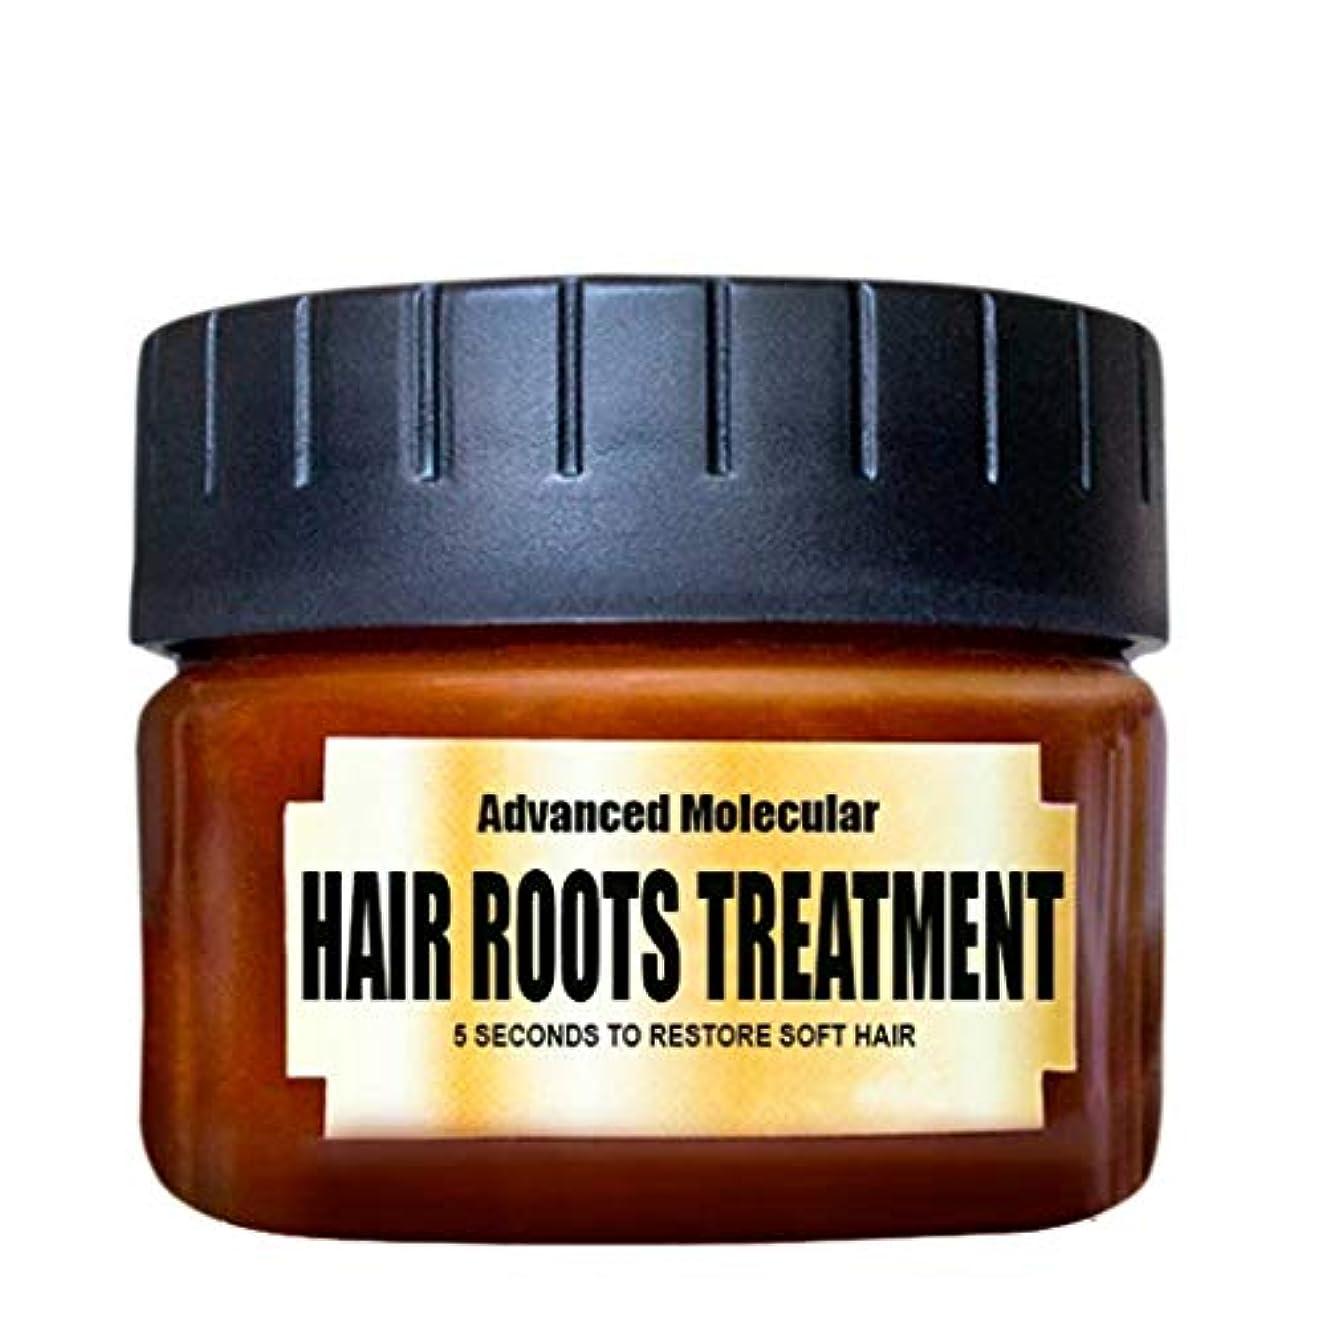 奨励何か救出DOUJI 天然植物成分 ヘアケア リッチリペア コンディショナー60ml コンディショナー 髪の解毒ヘアマスク高度な分子毛根治療回復エクストラダメージケア トリートメント